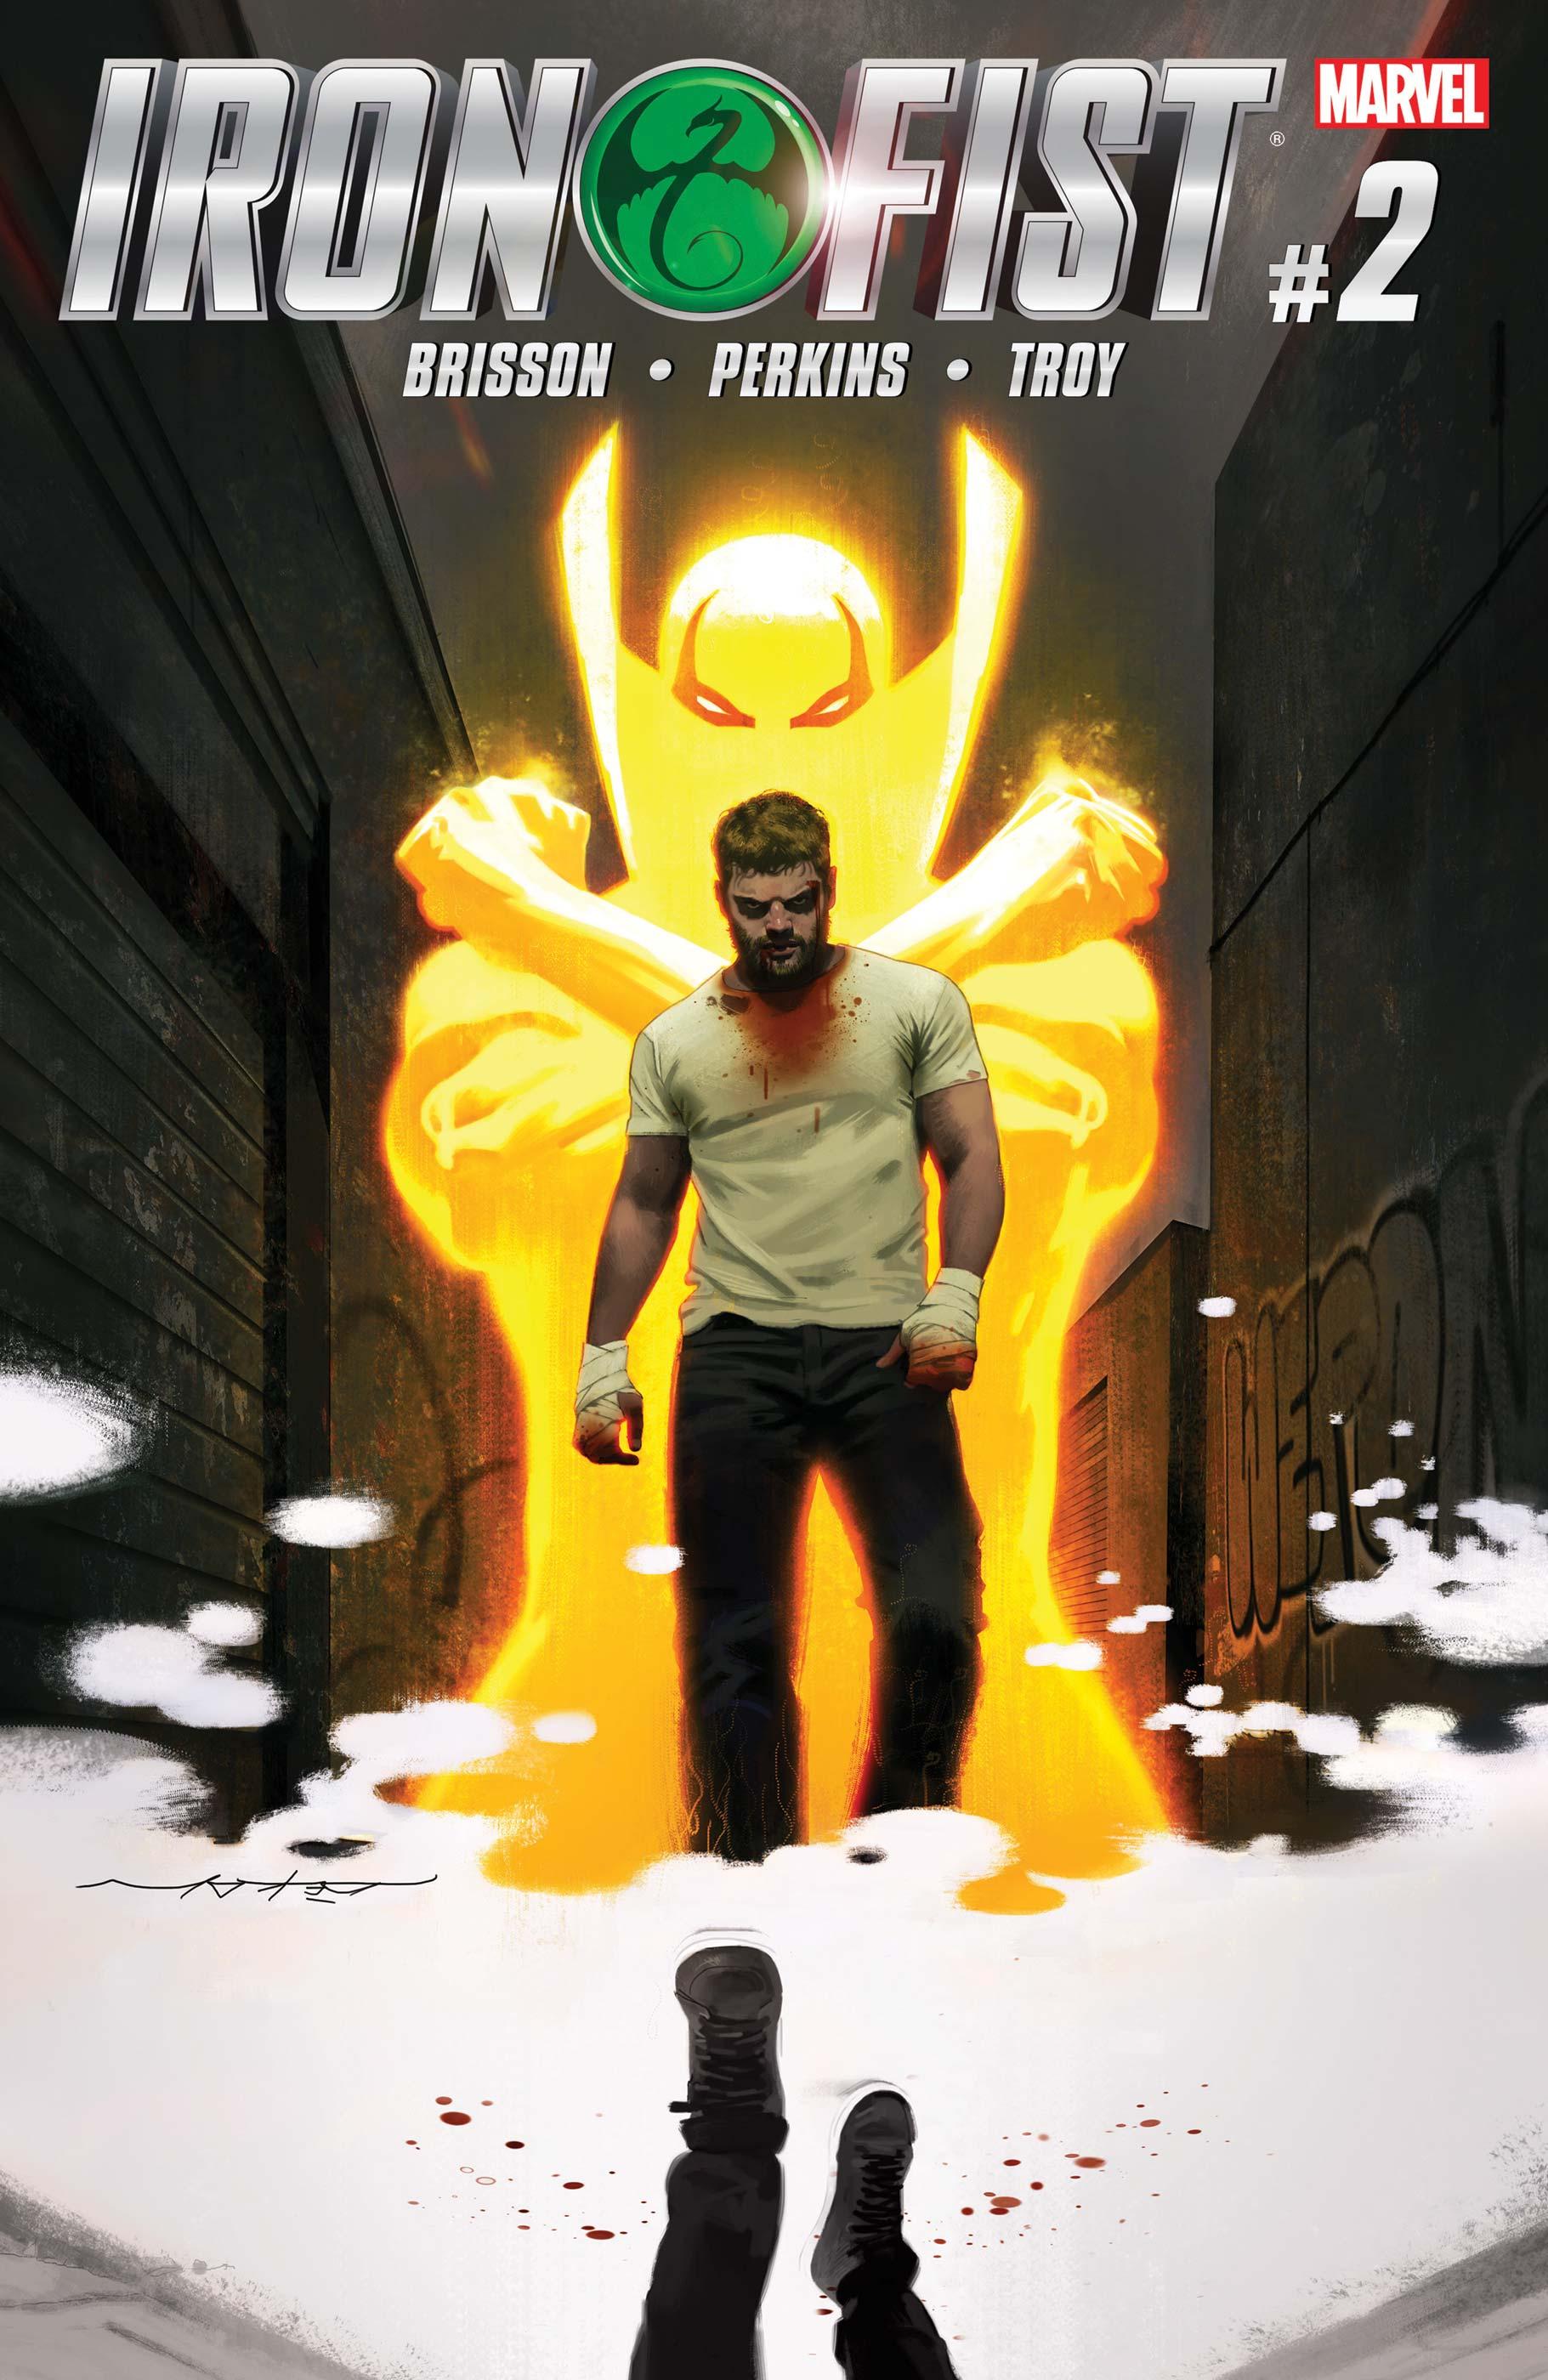 Iron Fist (2017) #2